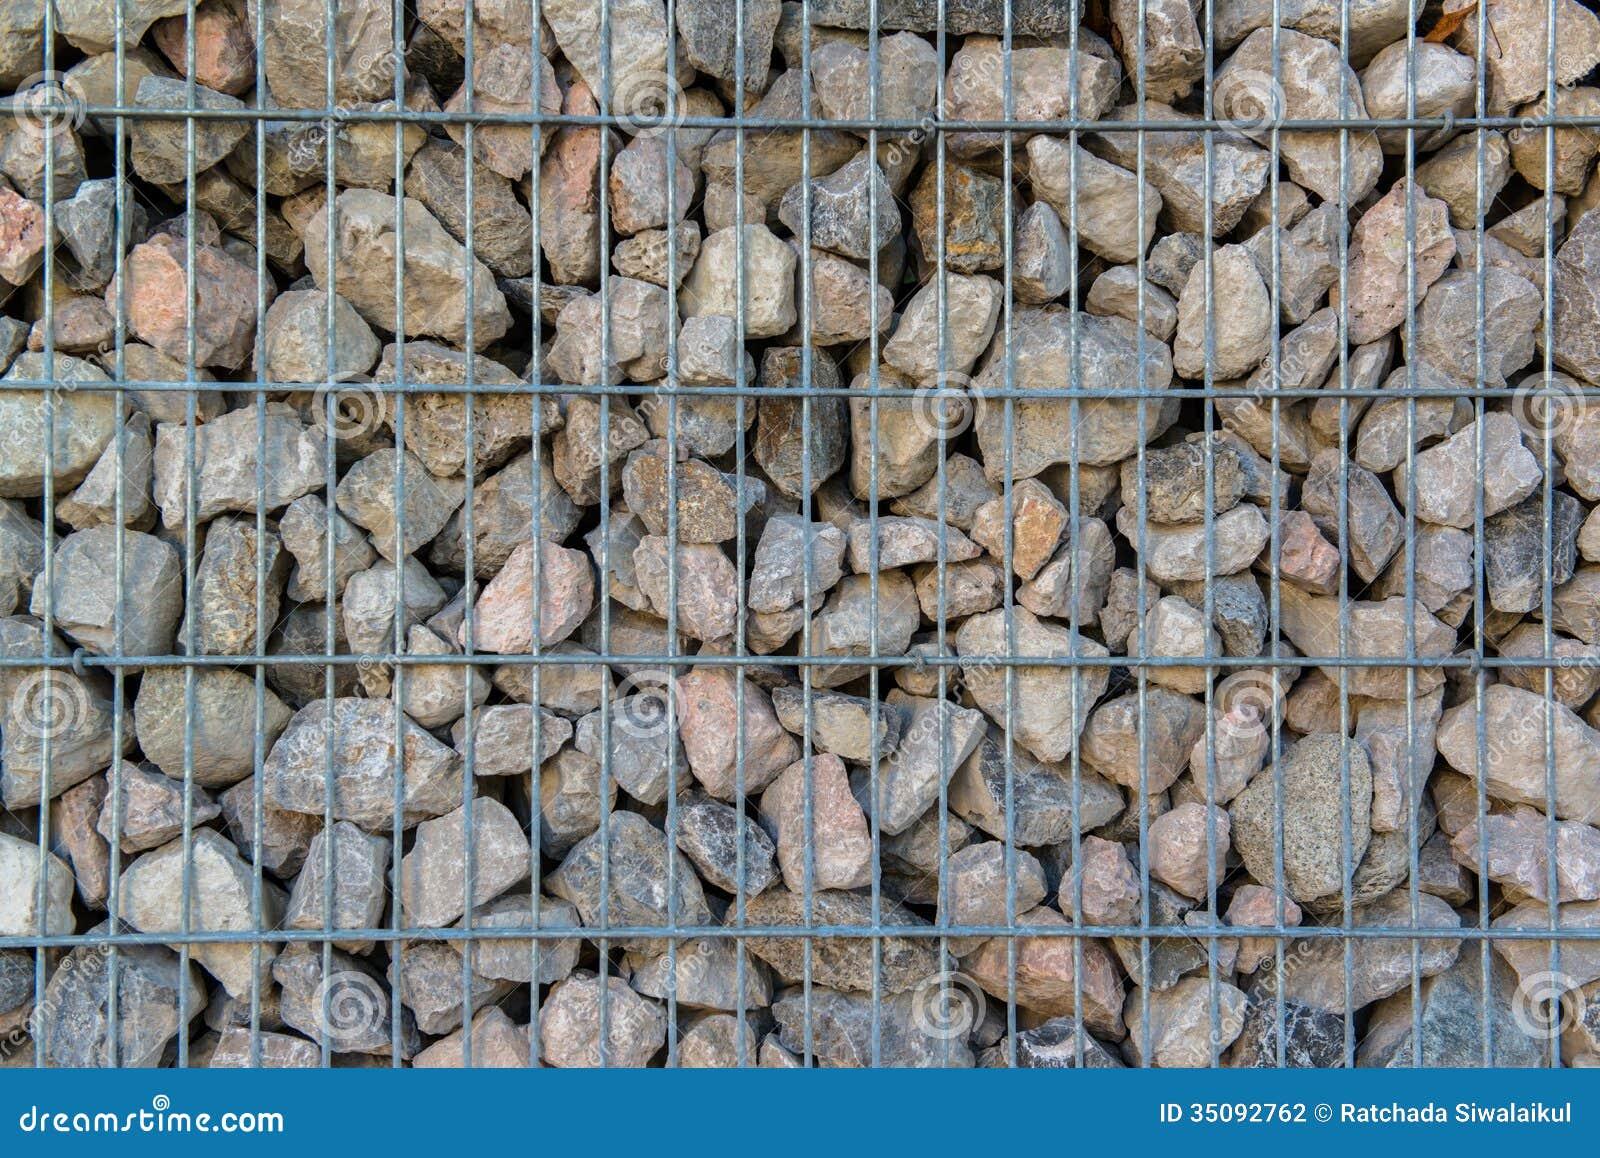 Detalle tirado de un muro de contenci n de piedra - Muros de contencion de piedra ...